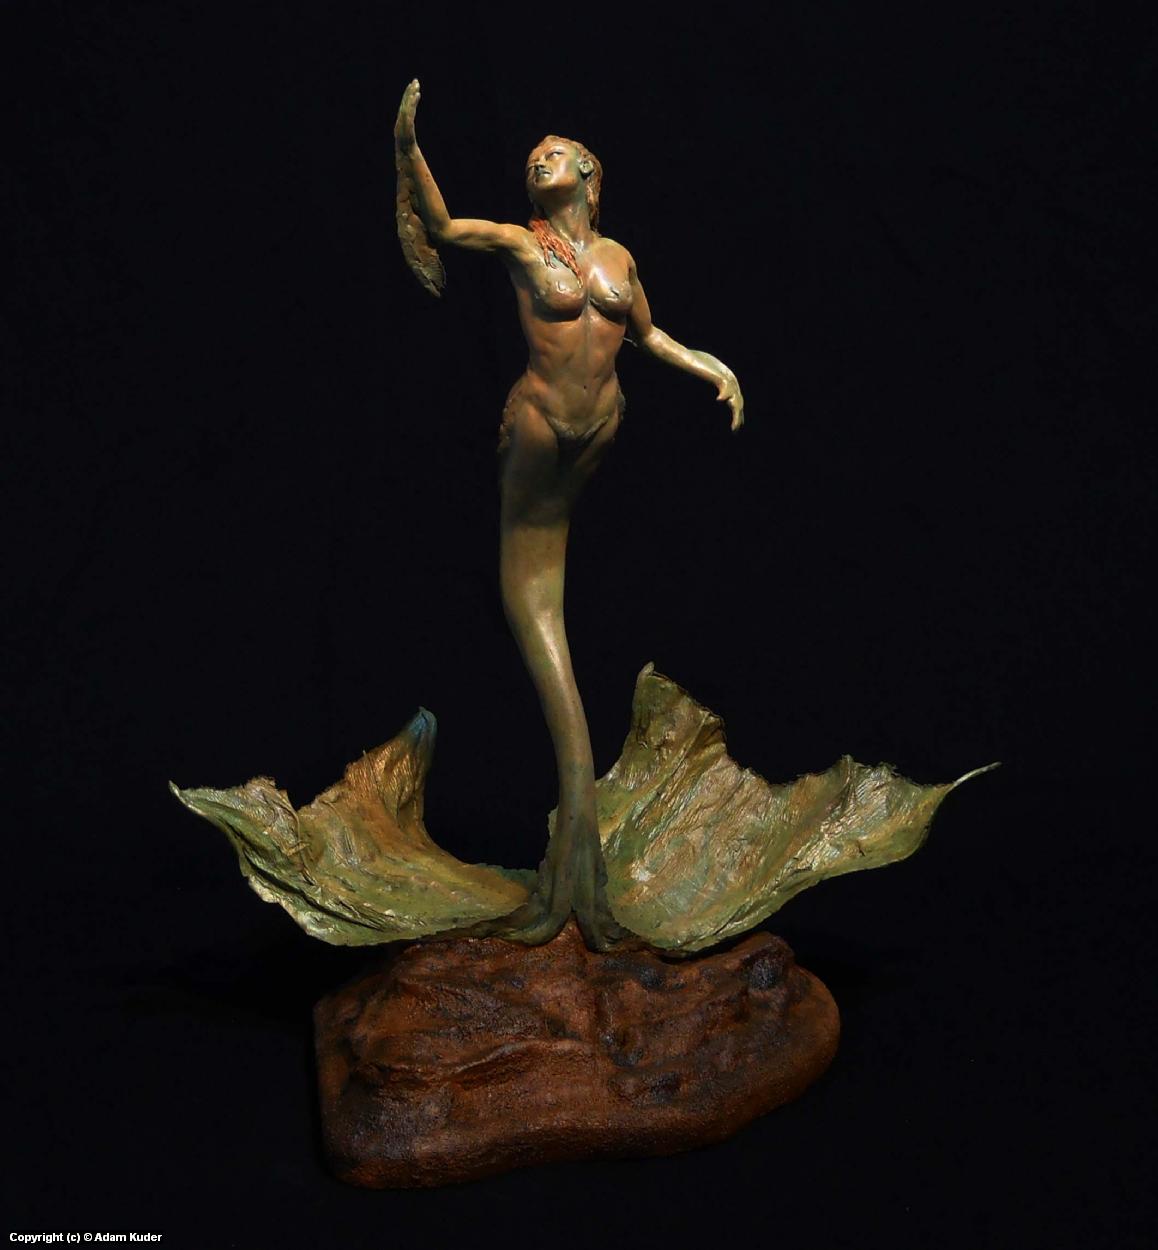 Siren Artwork by Adam Kuder